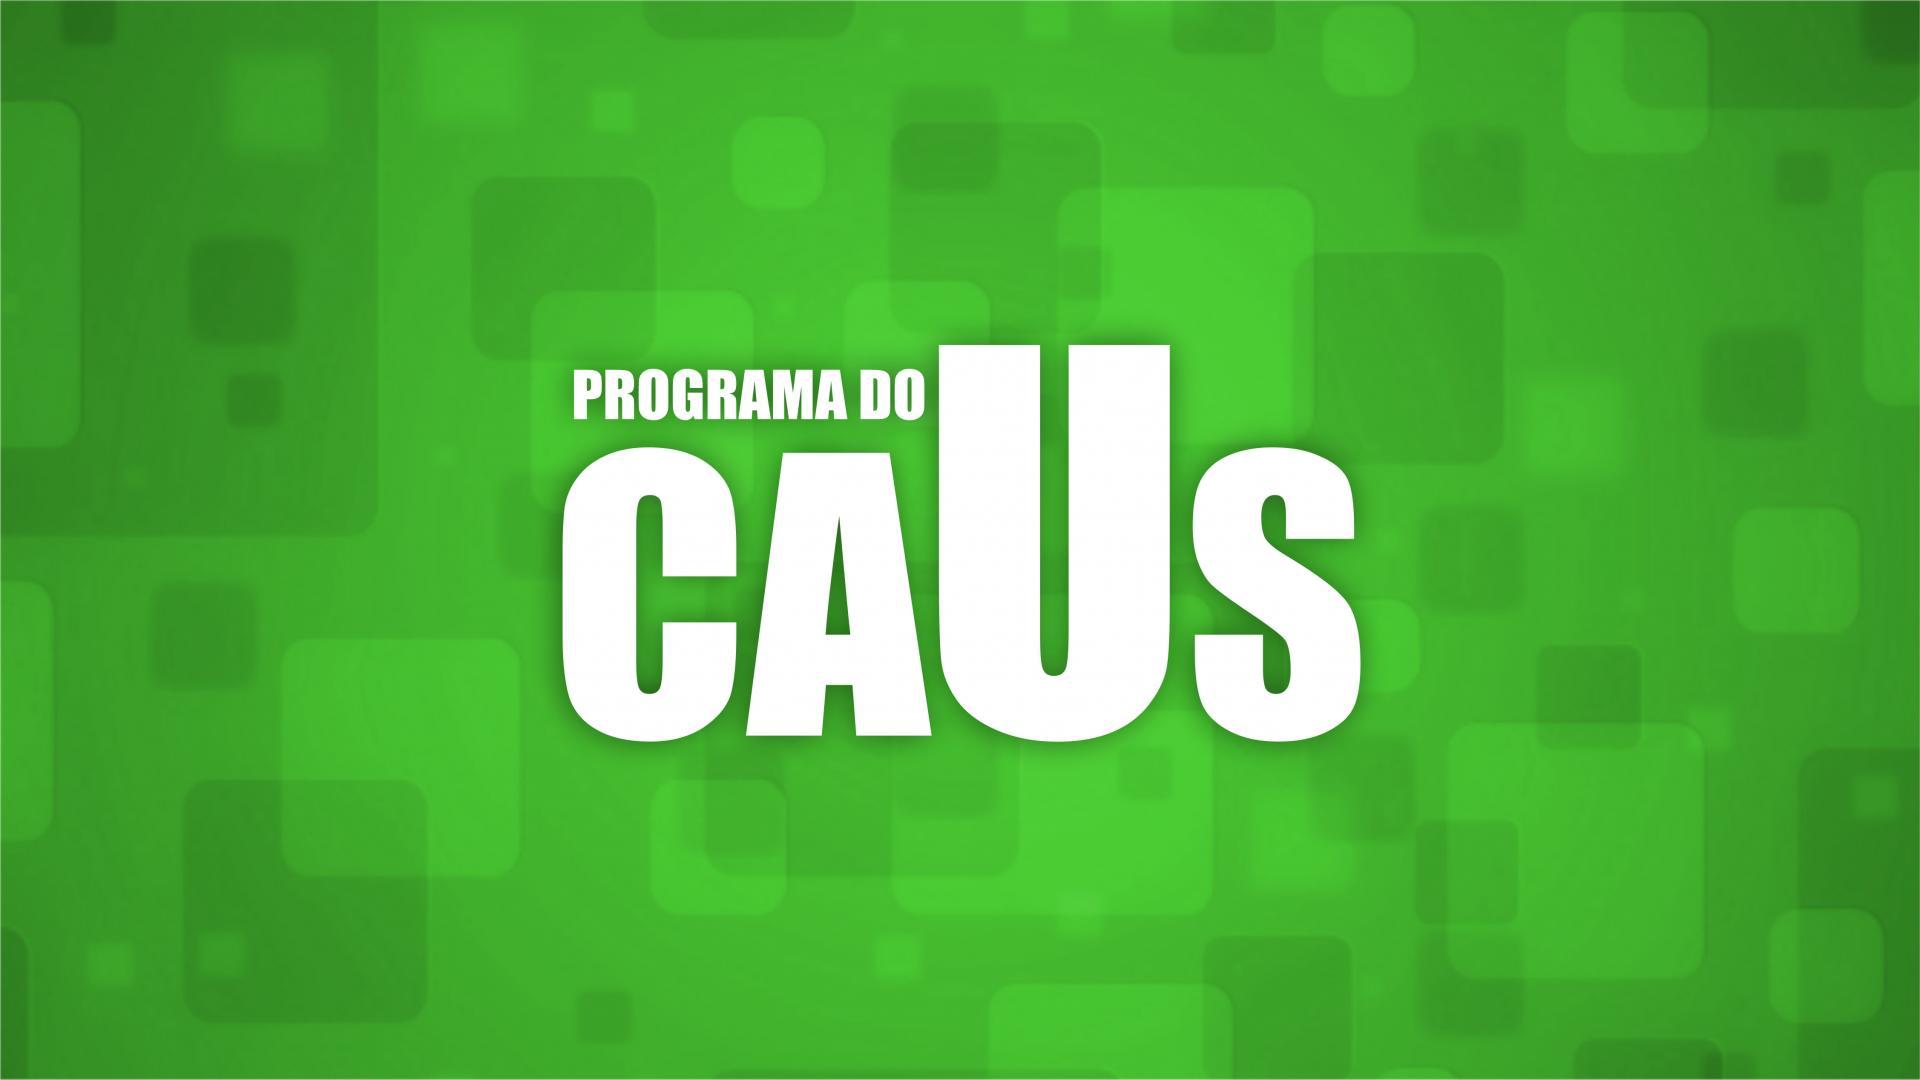 Programa do Caus 004